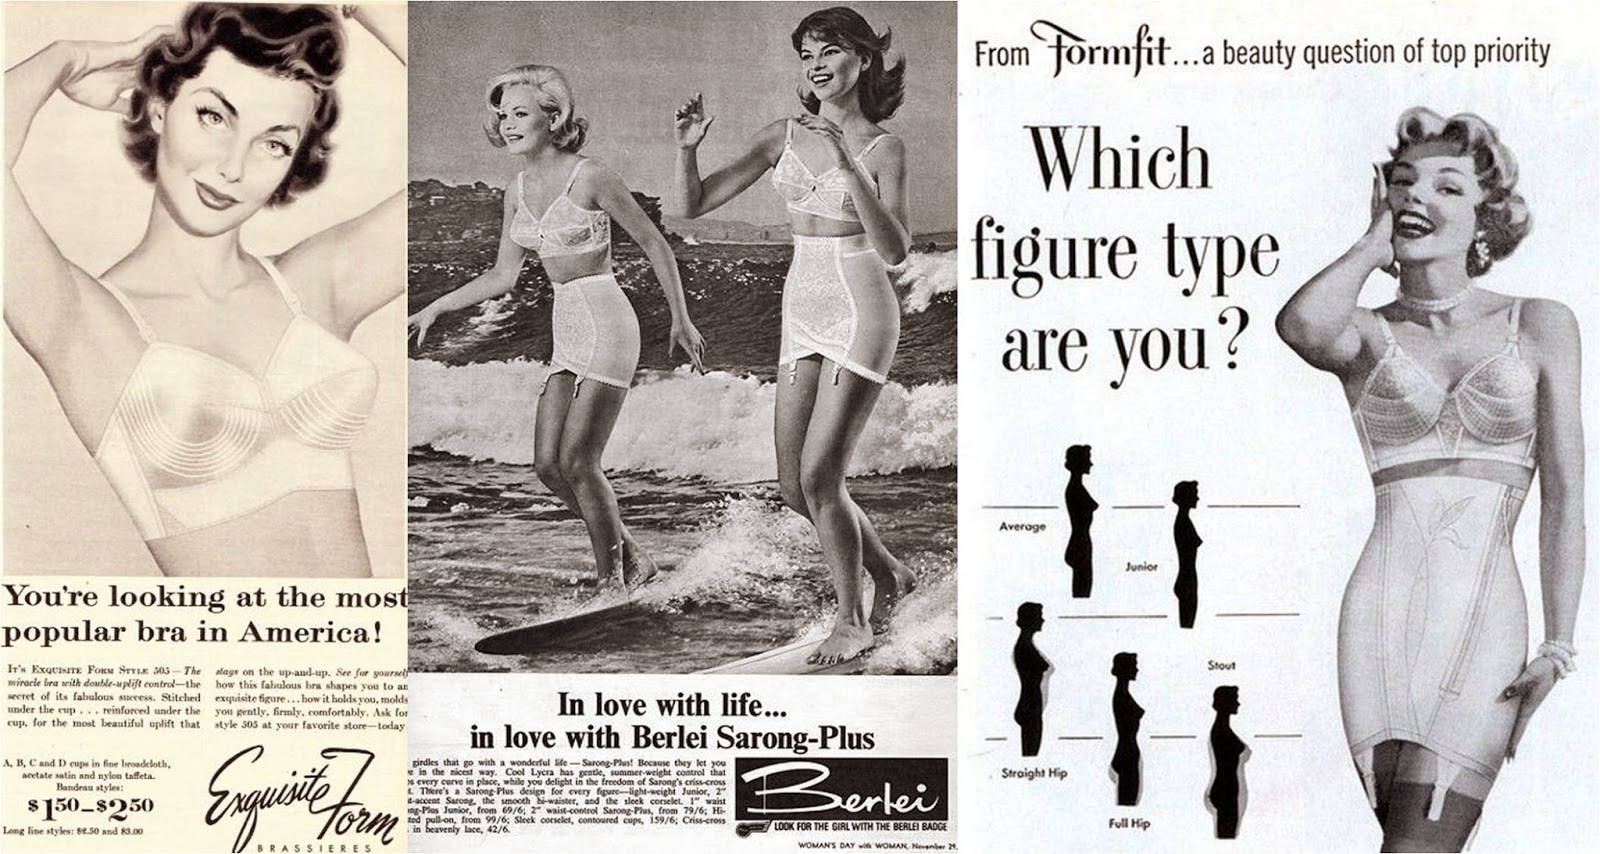 Os Anos 50 e a Efervescência Adolescente - Mente Flutuante Retrô aee4fc1fd9e